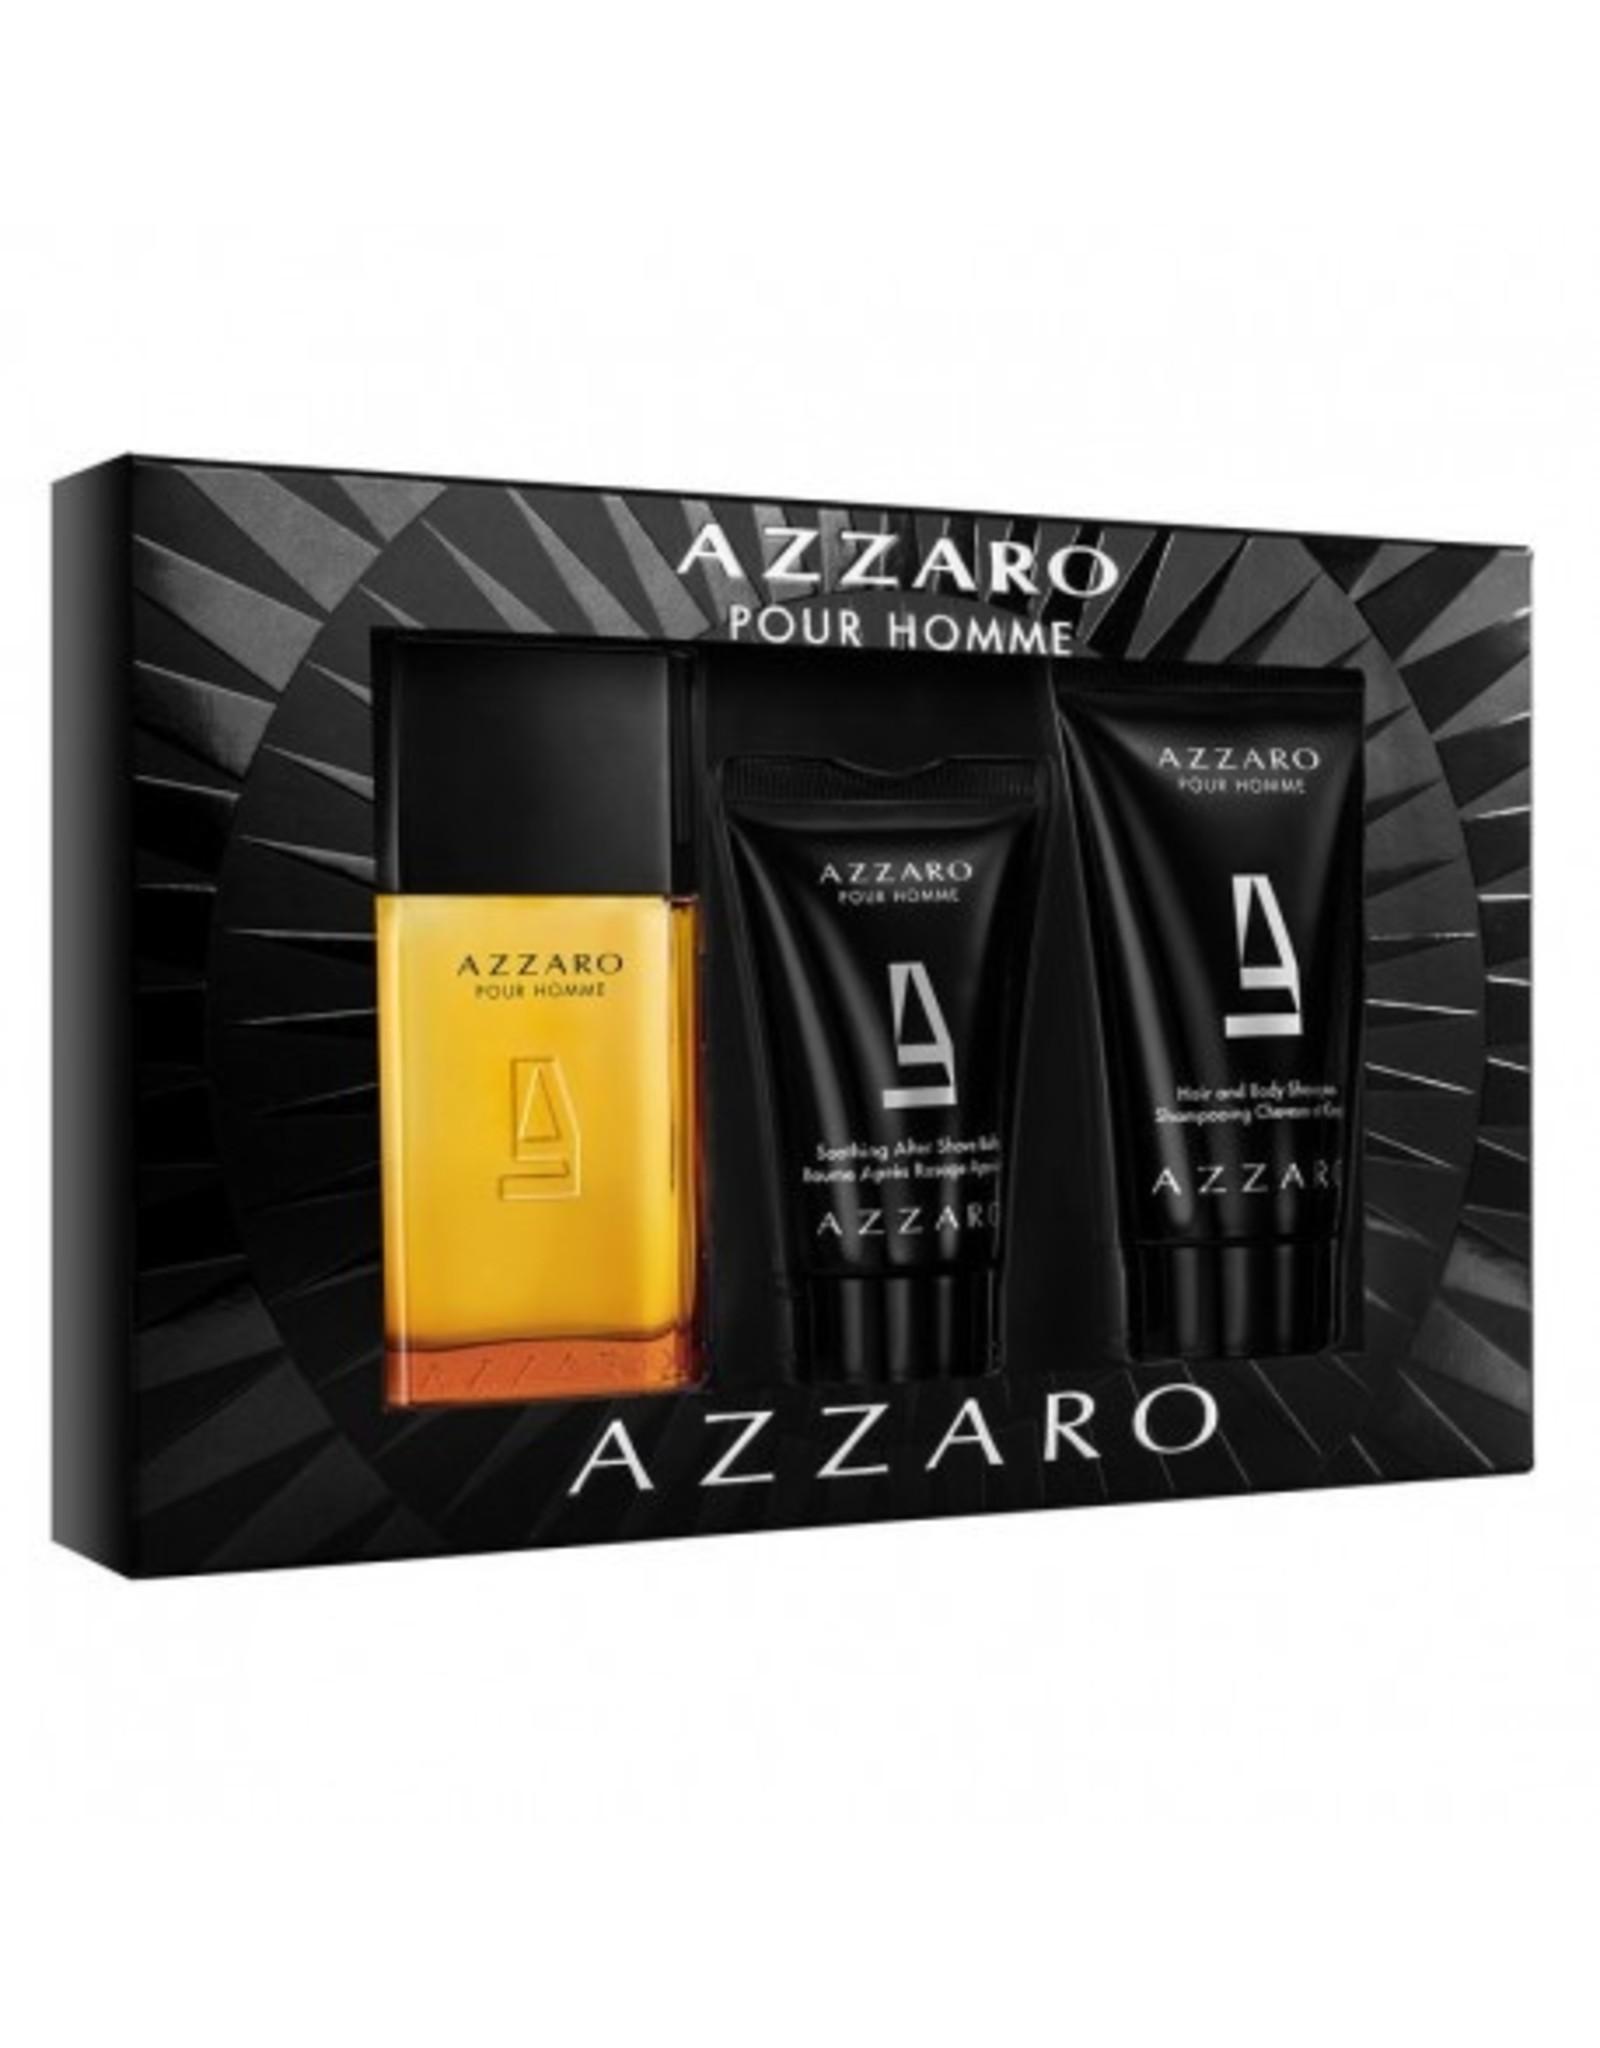 AZZARO AZZARO POUR HOMME (CLASSIC)  3pcs Set